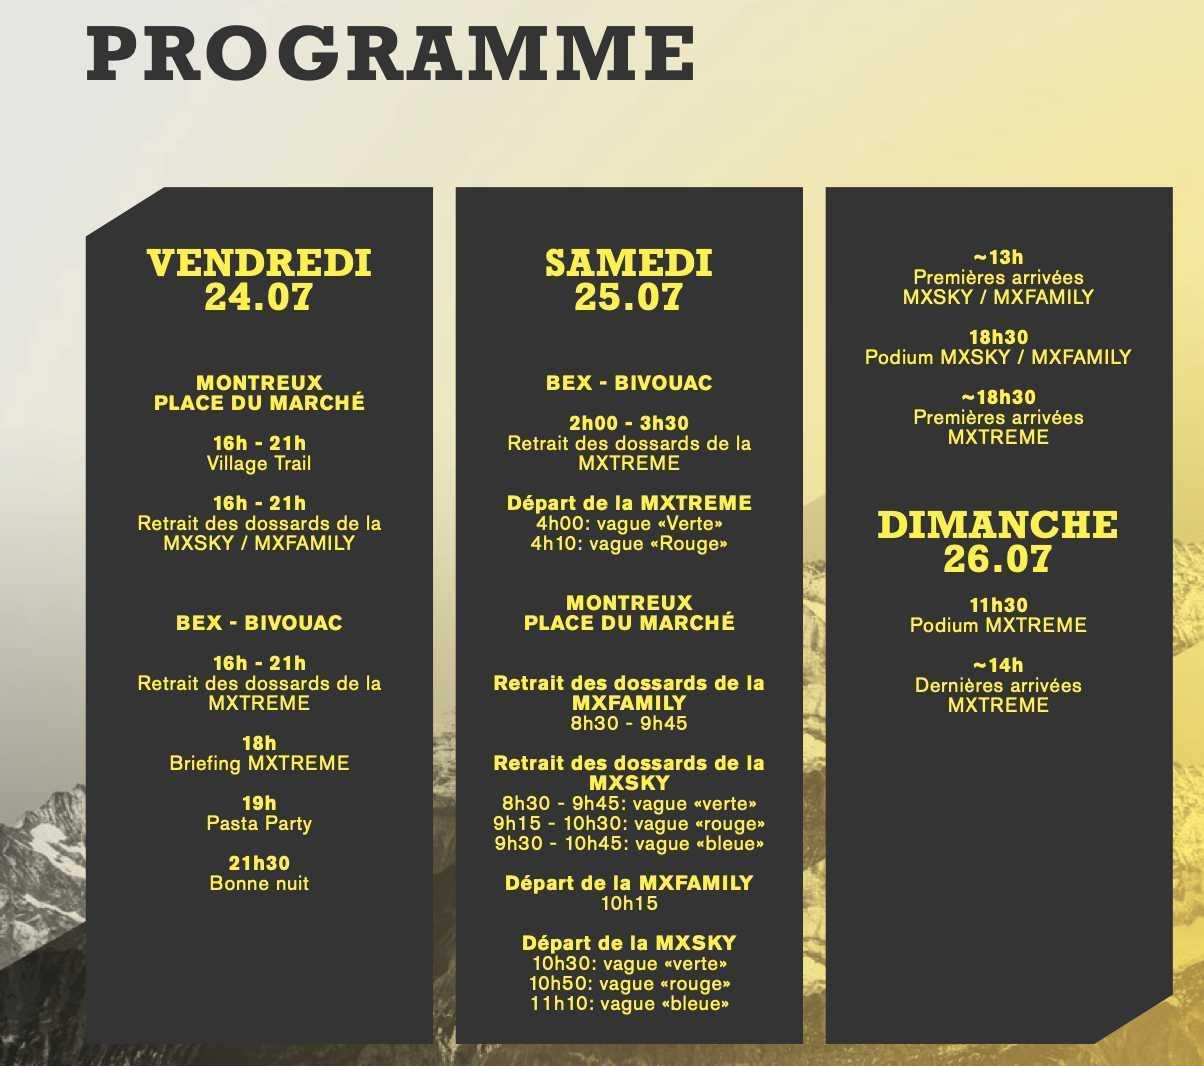 Montreux programme